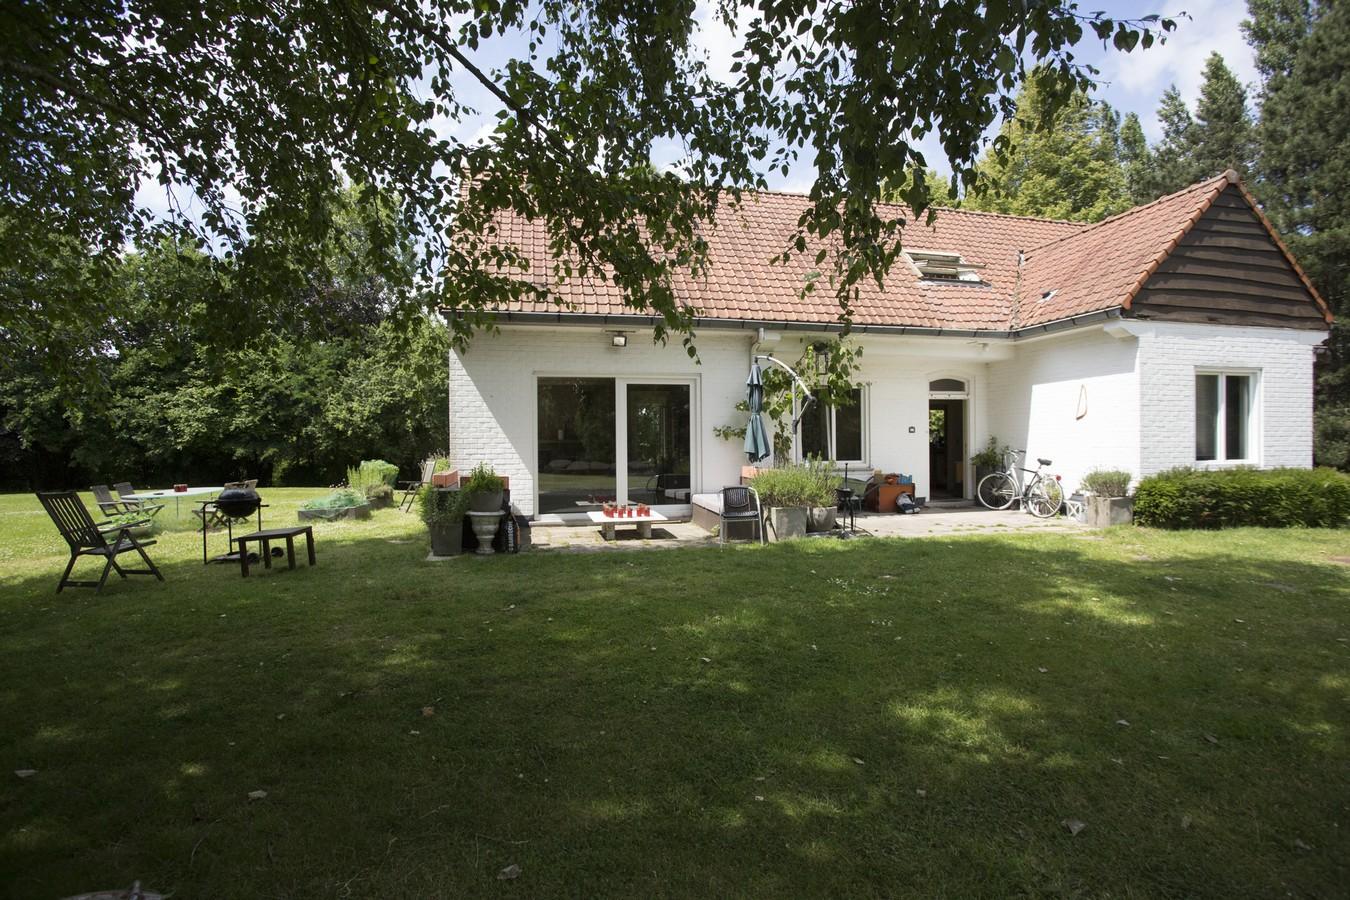 Verkocht immo marescaux for Landelijke woning te koop